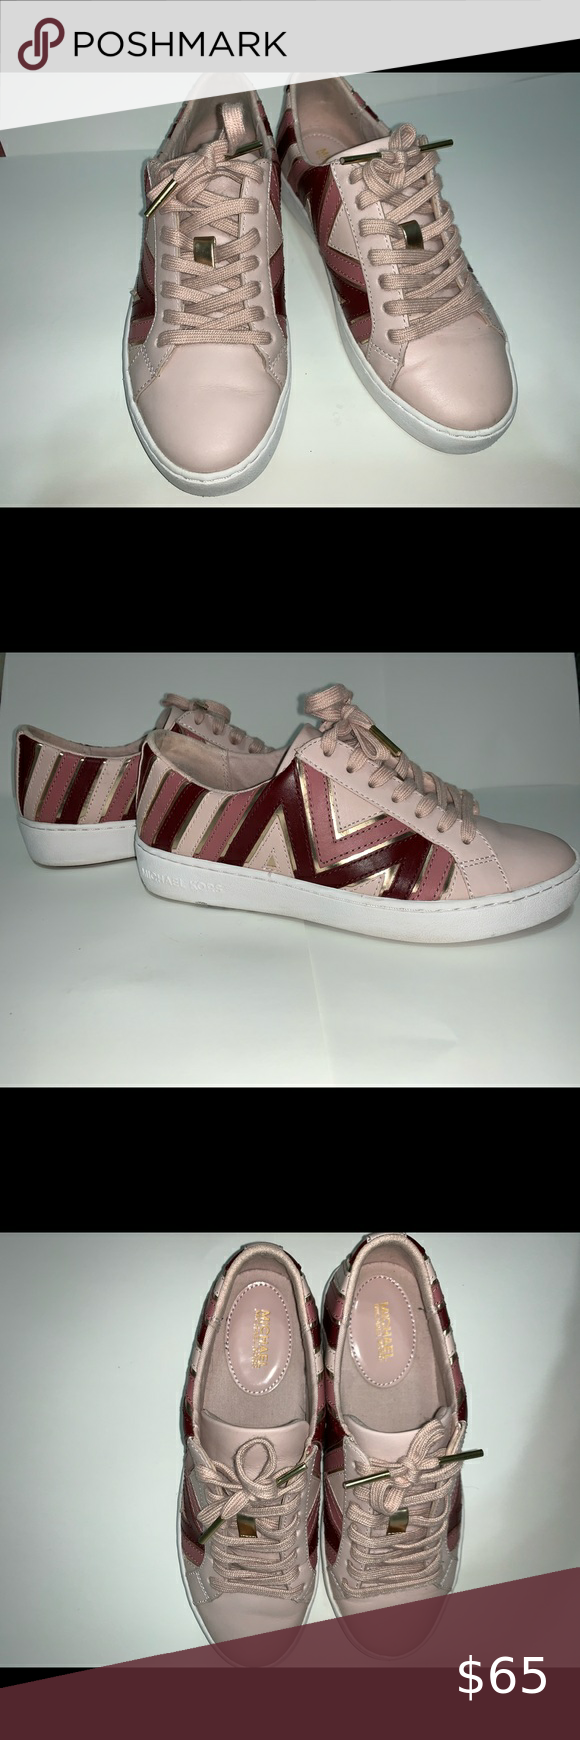 michael kors whitney leather sneaker